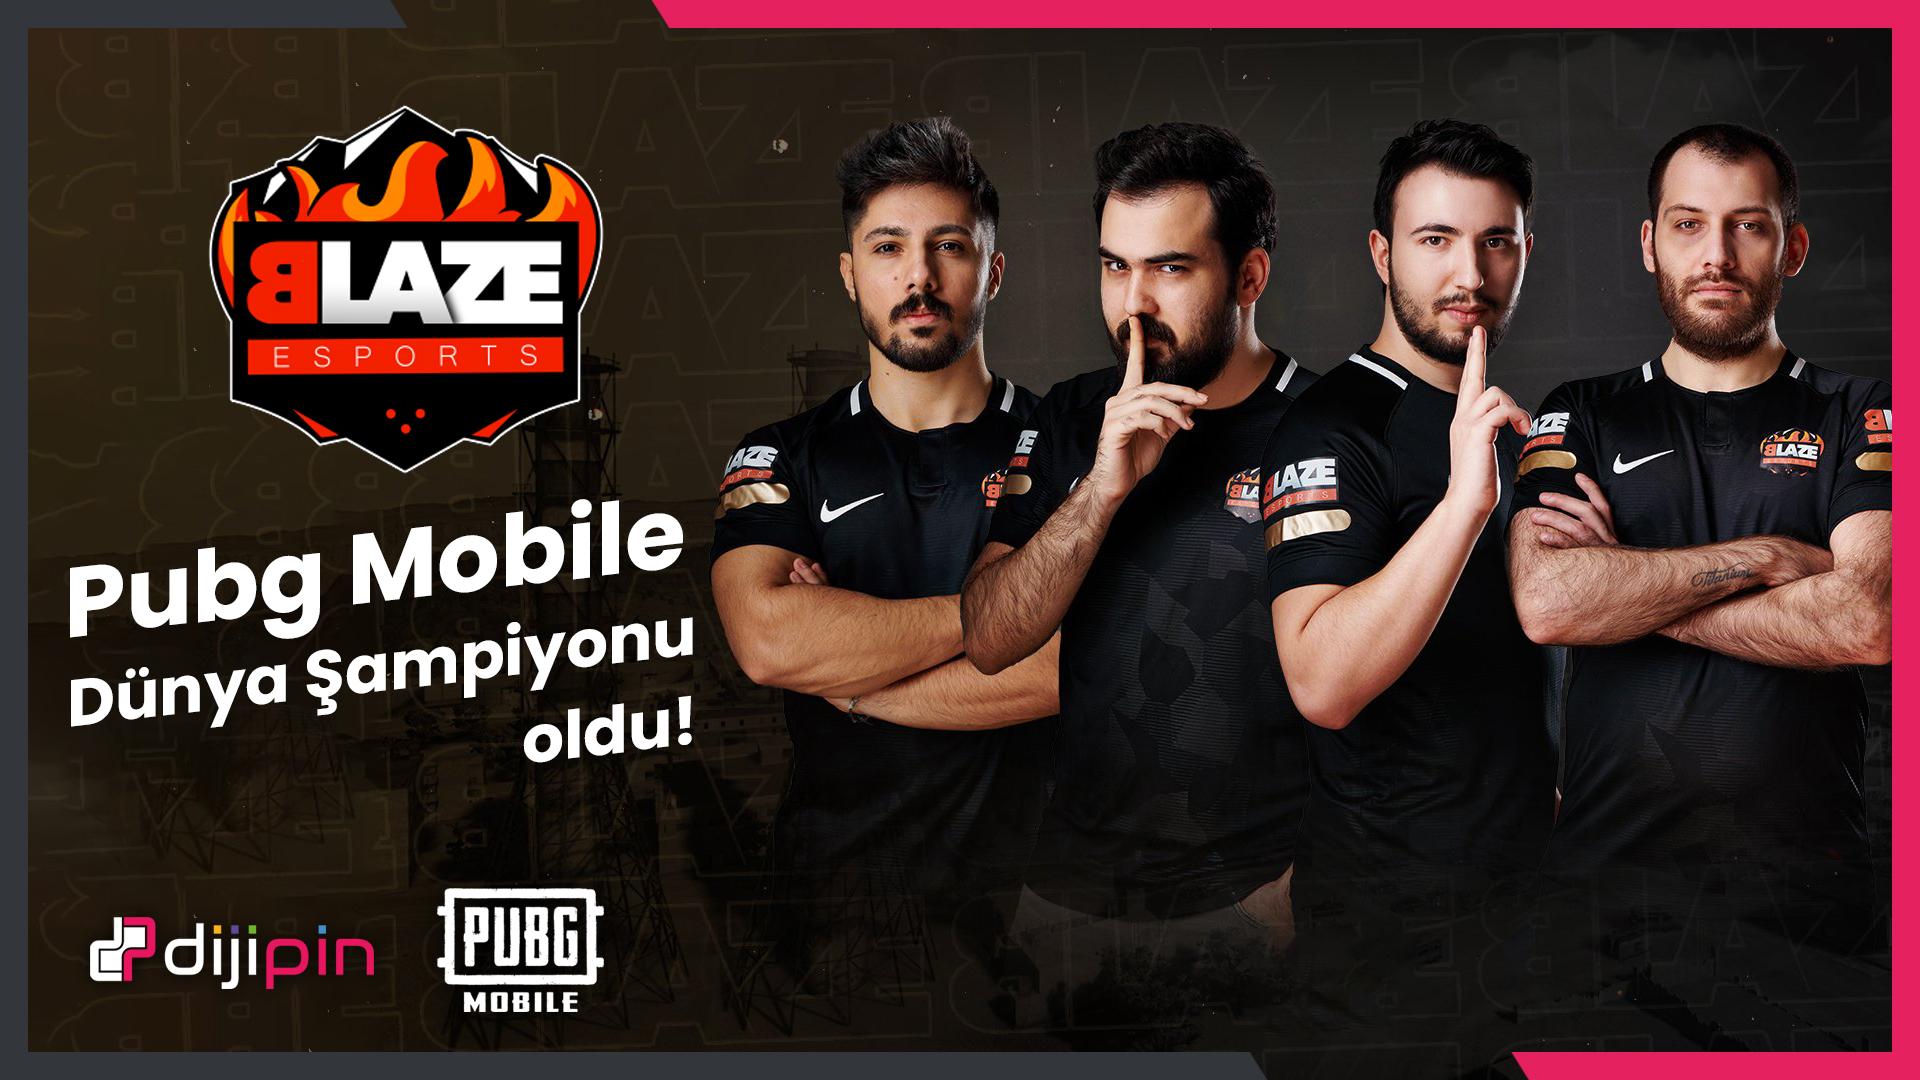 Blaze E-Spor PubG Mobile'da Dünya Şampiyonu Oldu